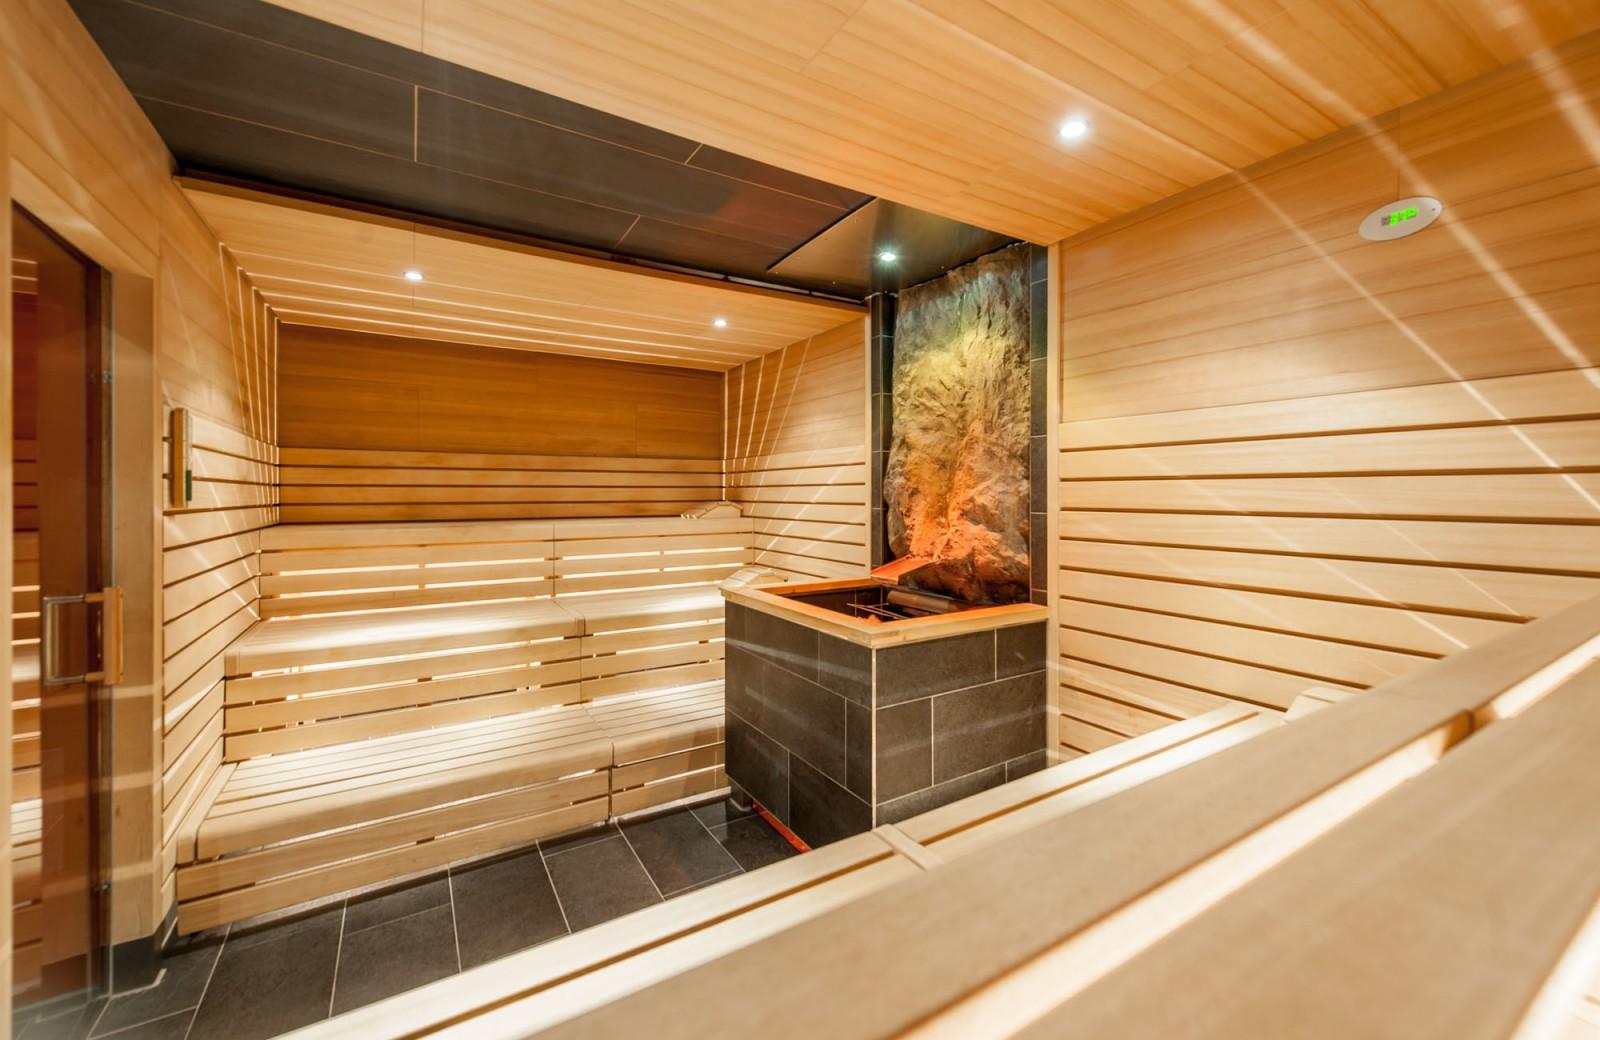 Die Almwiesen Sauna ist eine von insgesamt 10 Saunen